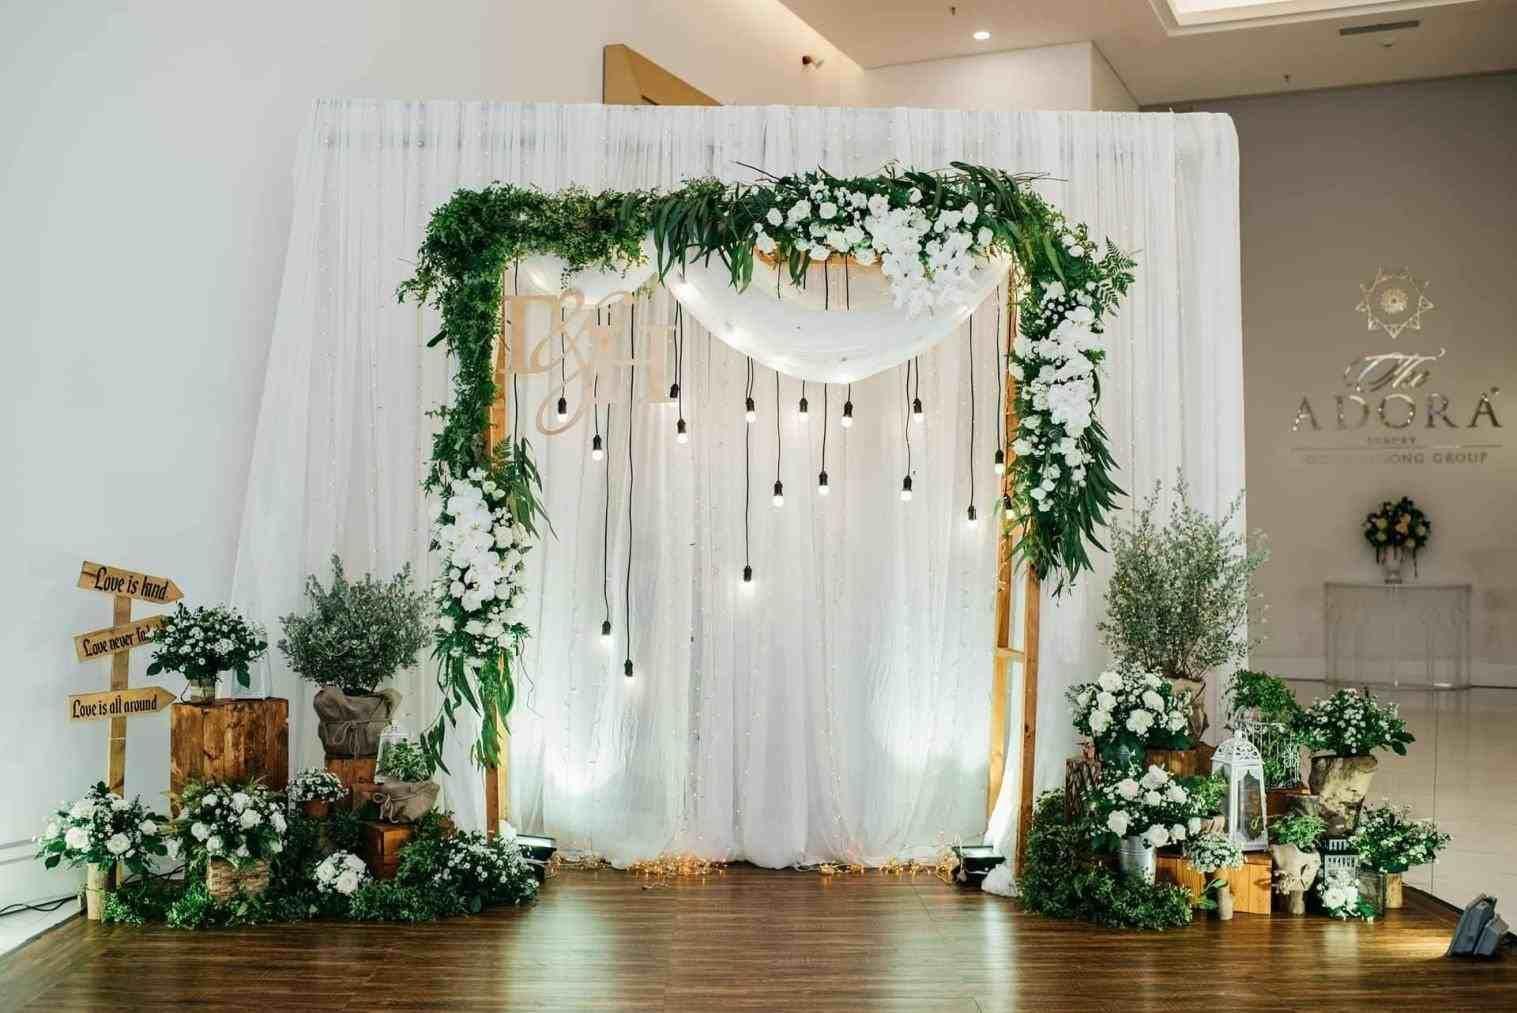 New Post Rustic Wedding Decor Backdrop Visit Bobayule Trending Decors Tempat Pernikahan Dekorasi Meja Pernikahan Tema Pernikahan